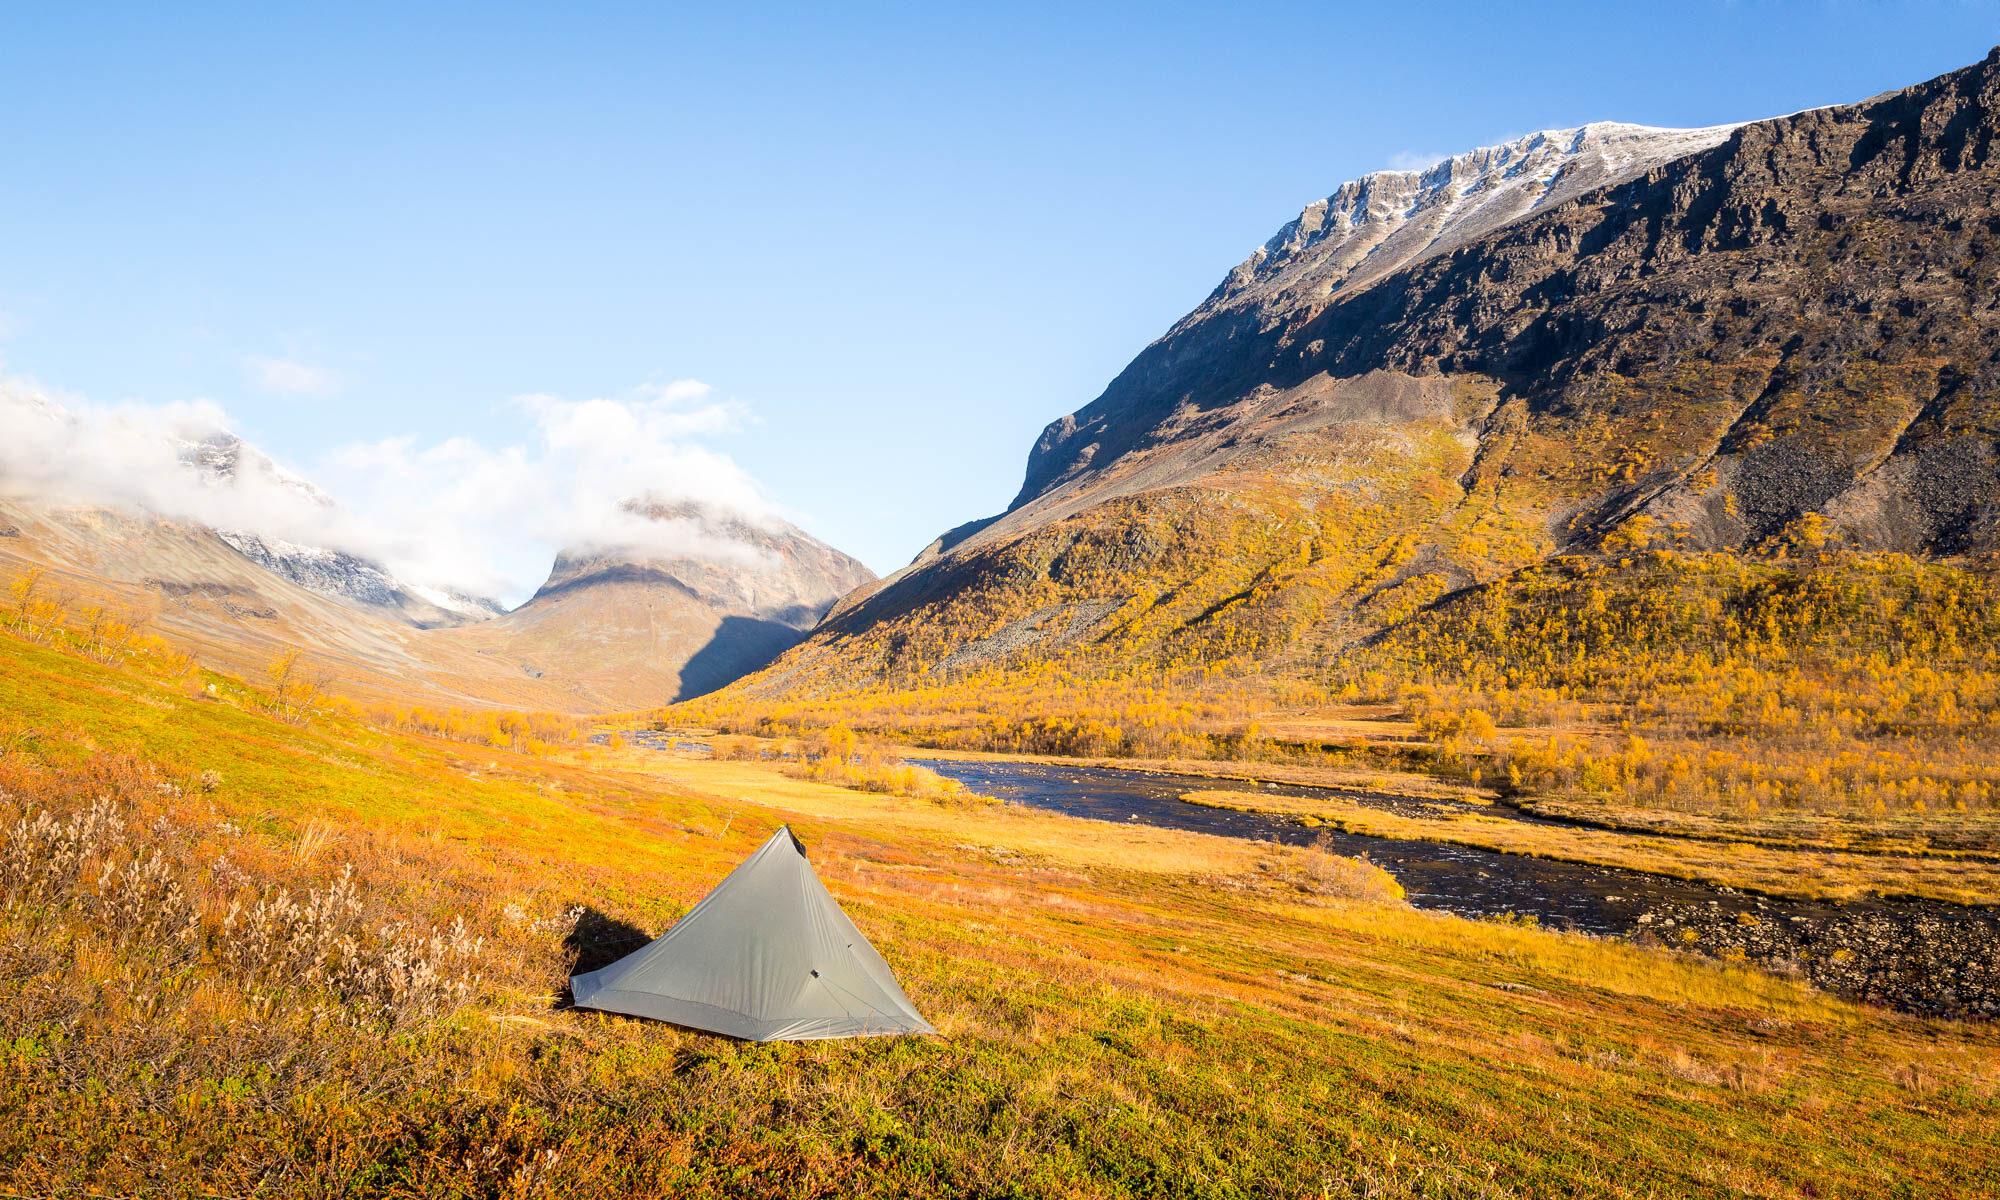 Vaelluskurssi, telttaile Nuuksiossa ja vaella Lapissa. Teltta ja ruska, Lappi.